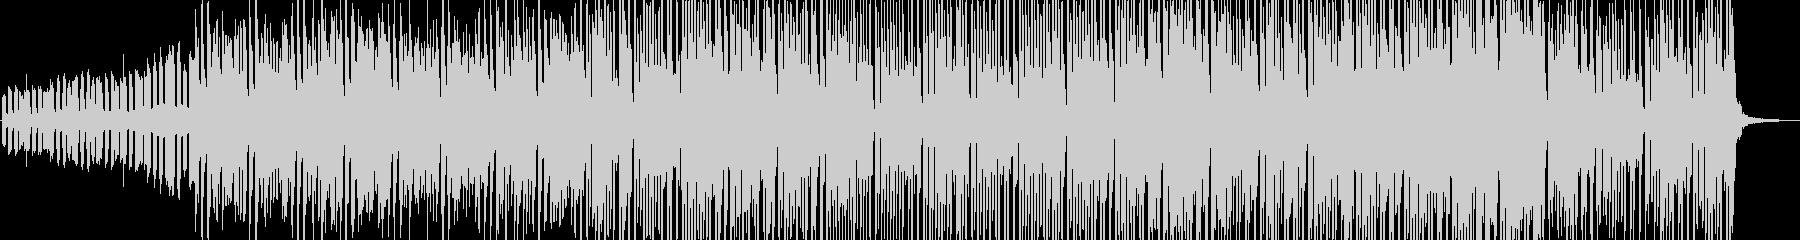 ライトジャズインストゥルメンタル。...の未再生の波形